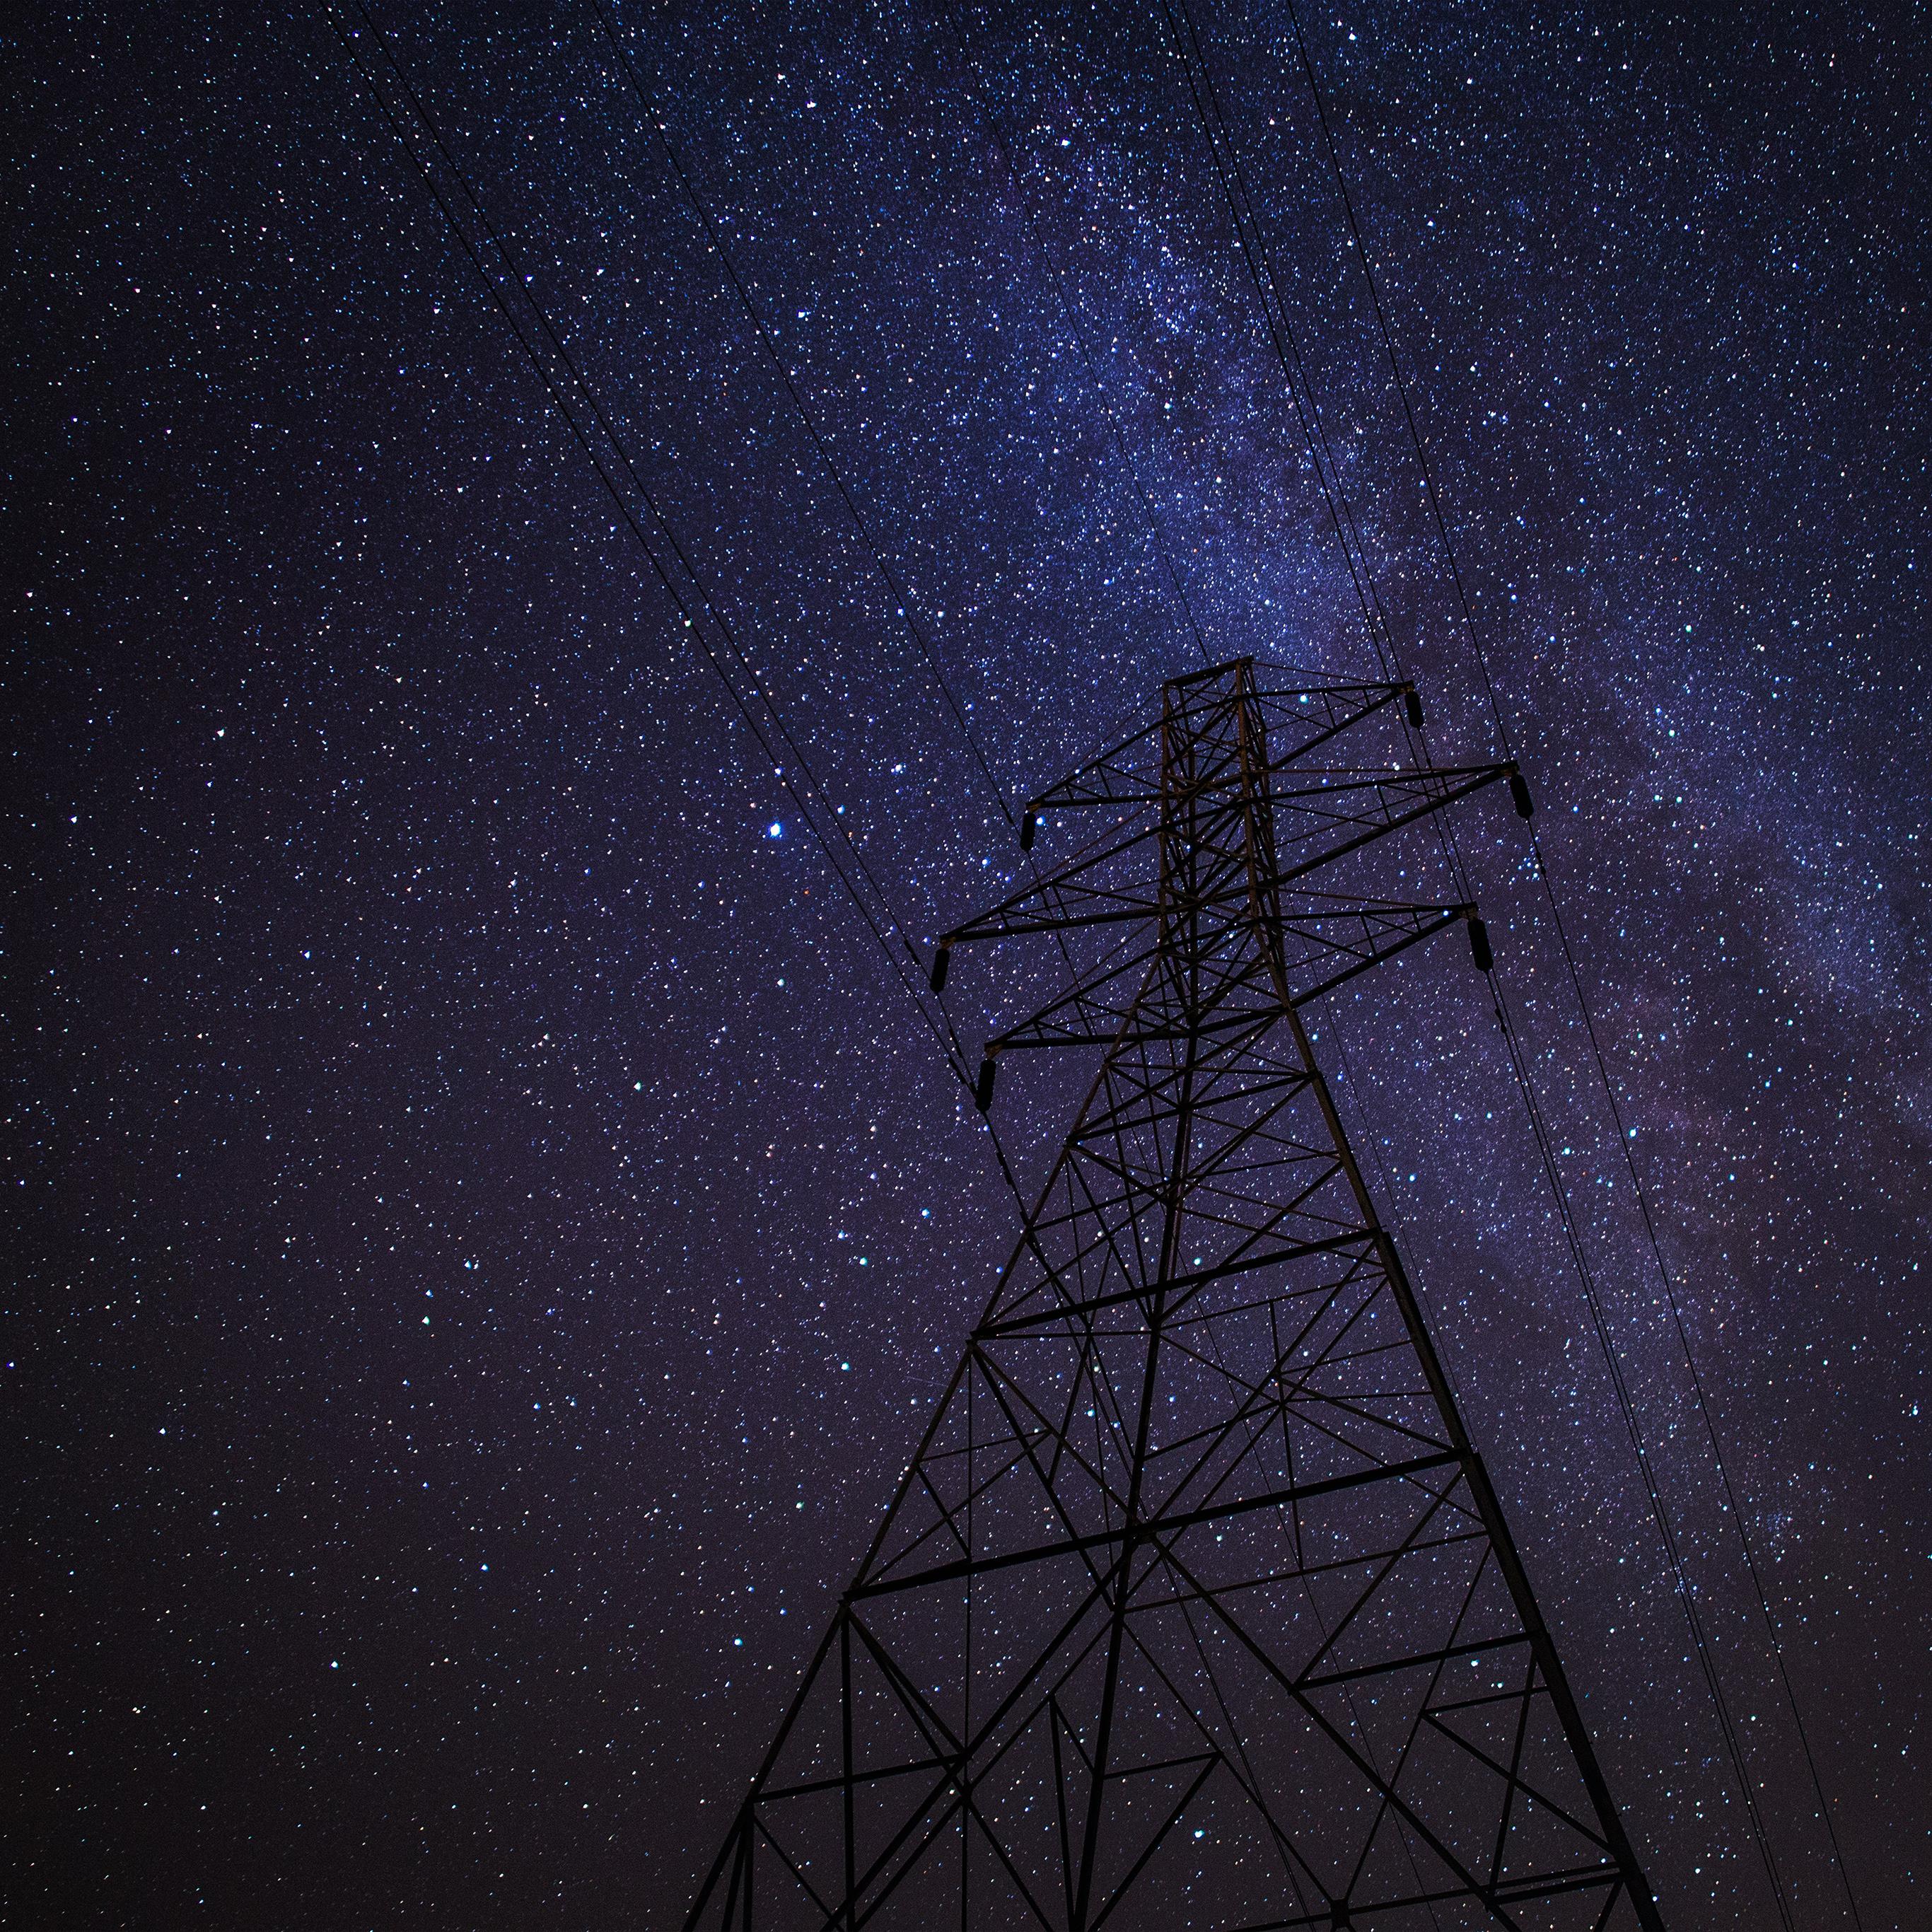 mx68-night-sky-dark-star-space-galaxy-nature-hd-wallpaper